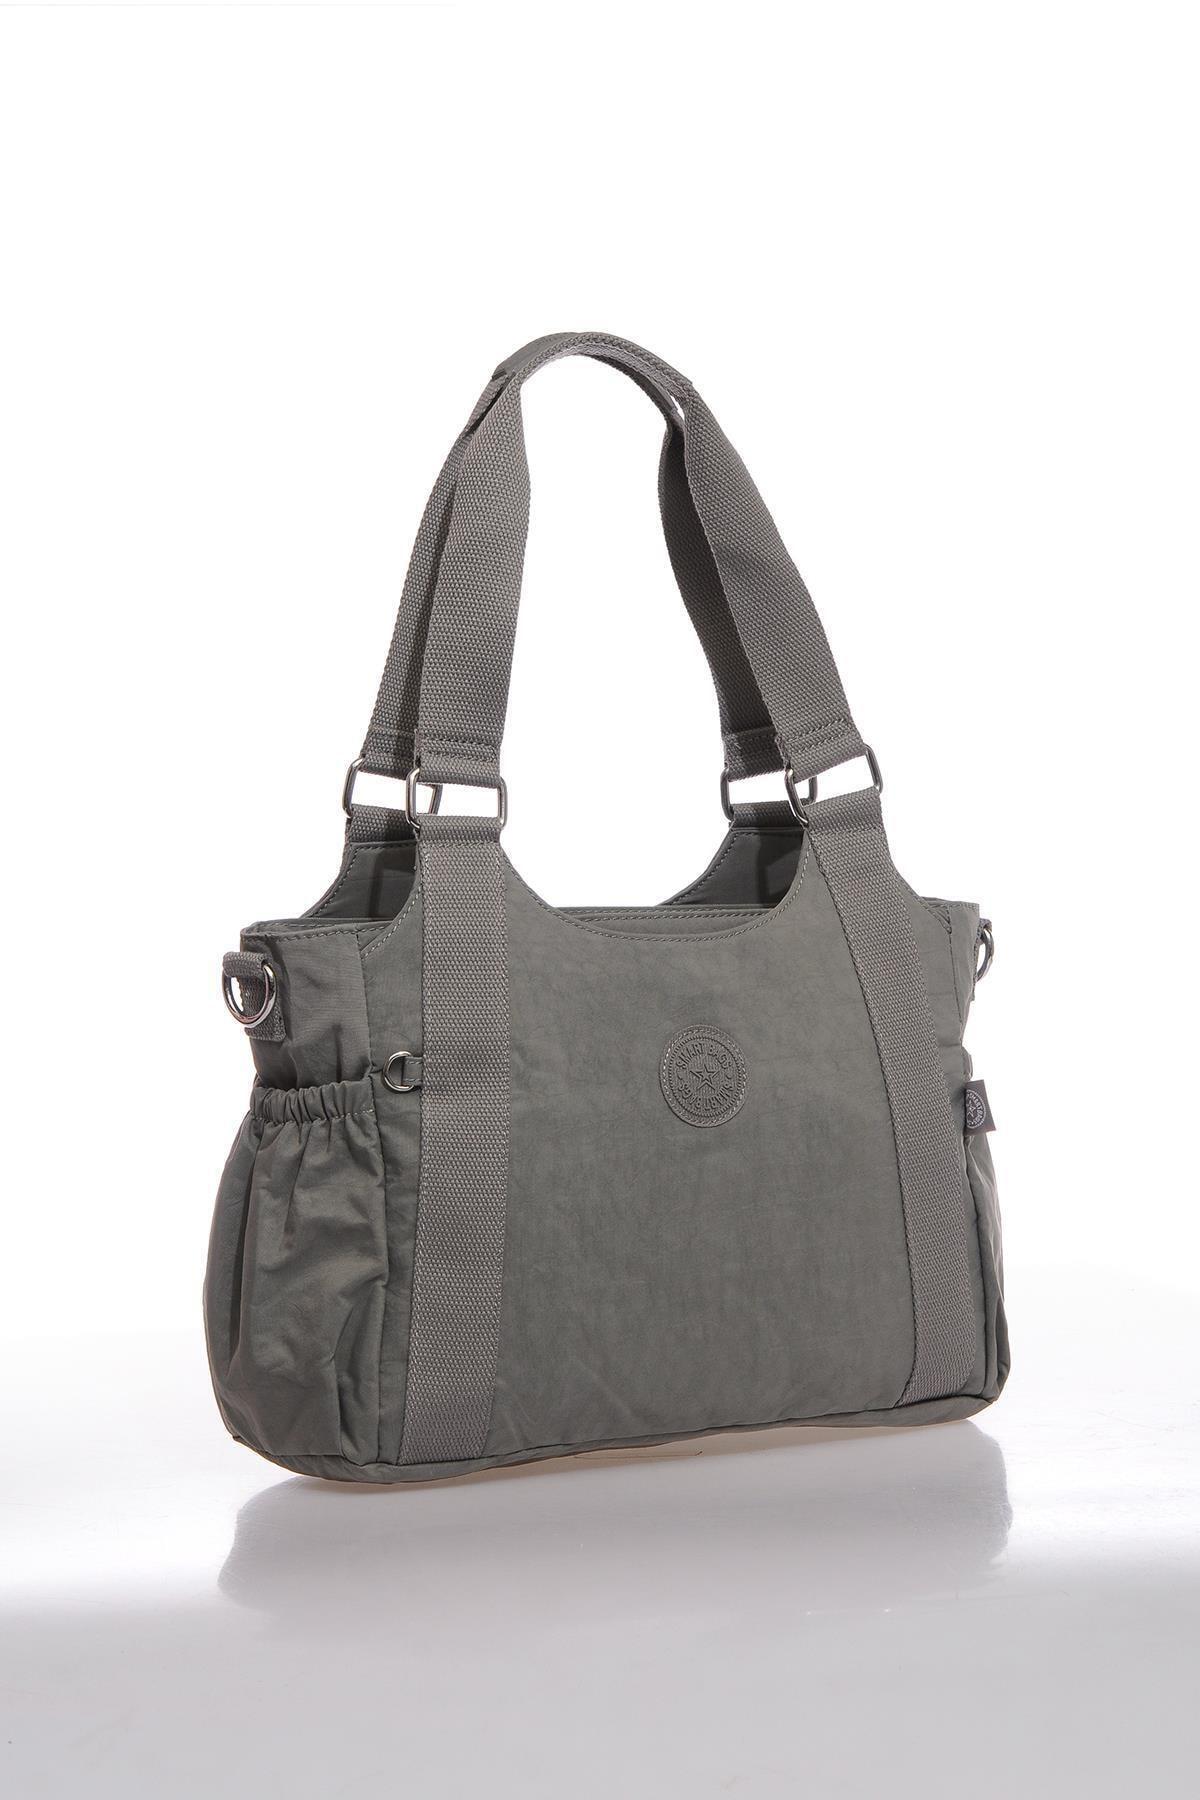 SMART BAGS Kadın Gri Omuz Çantası Smbk1163-0078 2